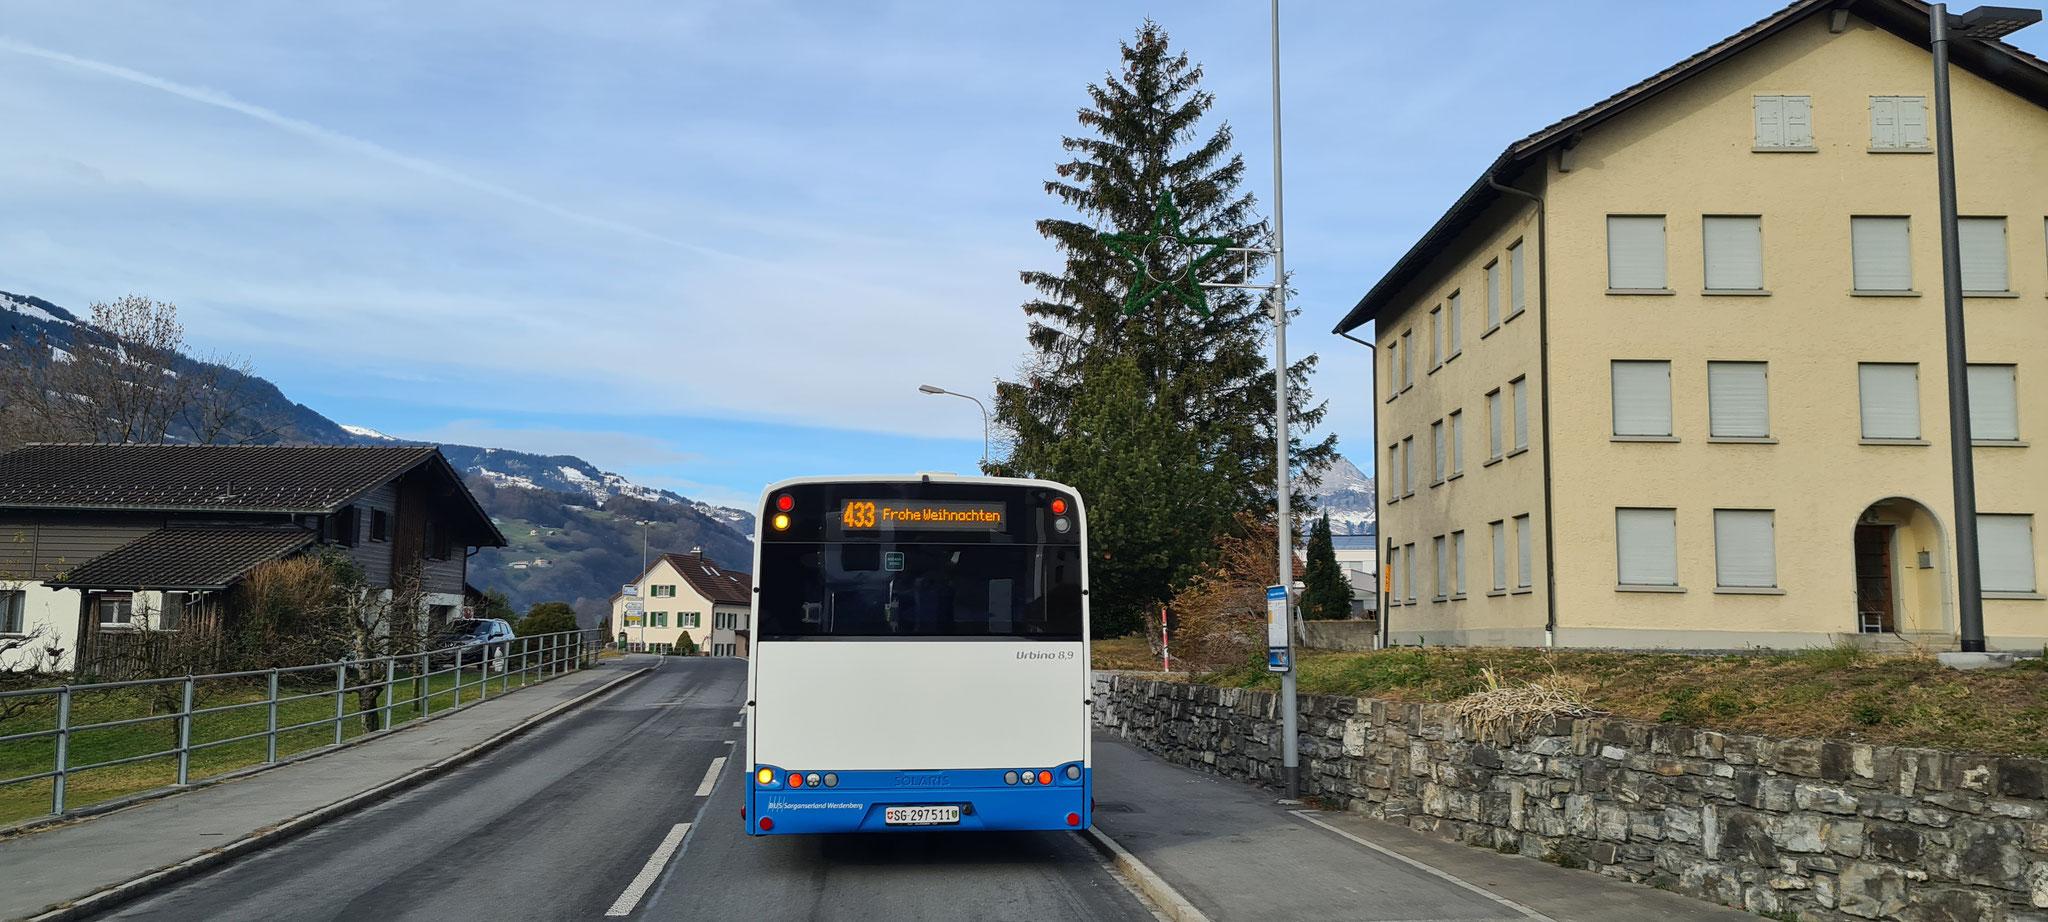 Schöne Weihnachten wünschen wir Dir, lieber Bus!